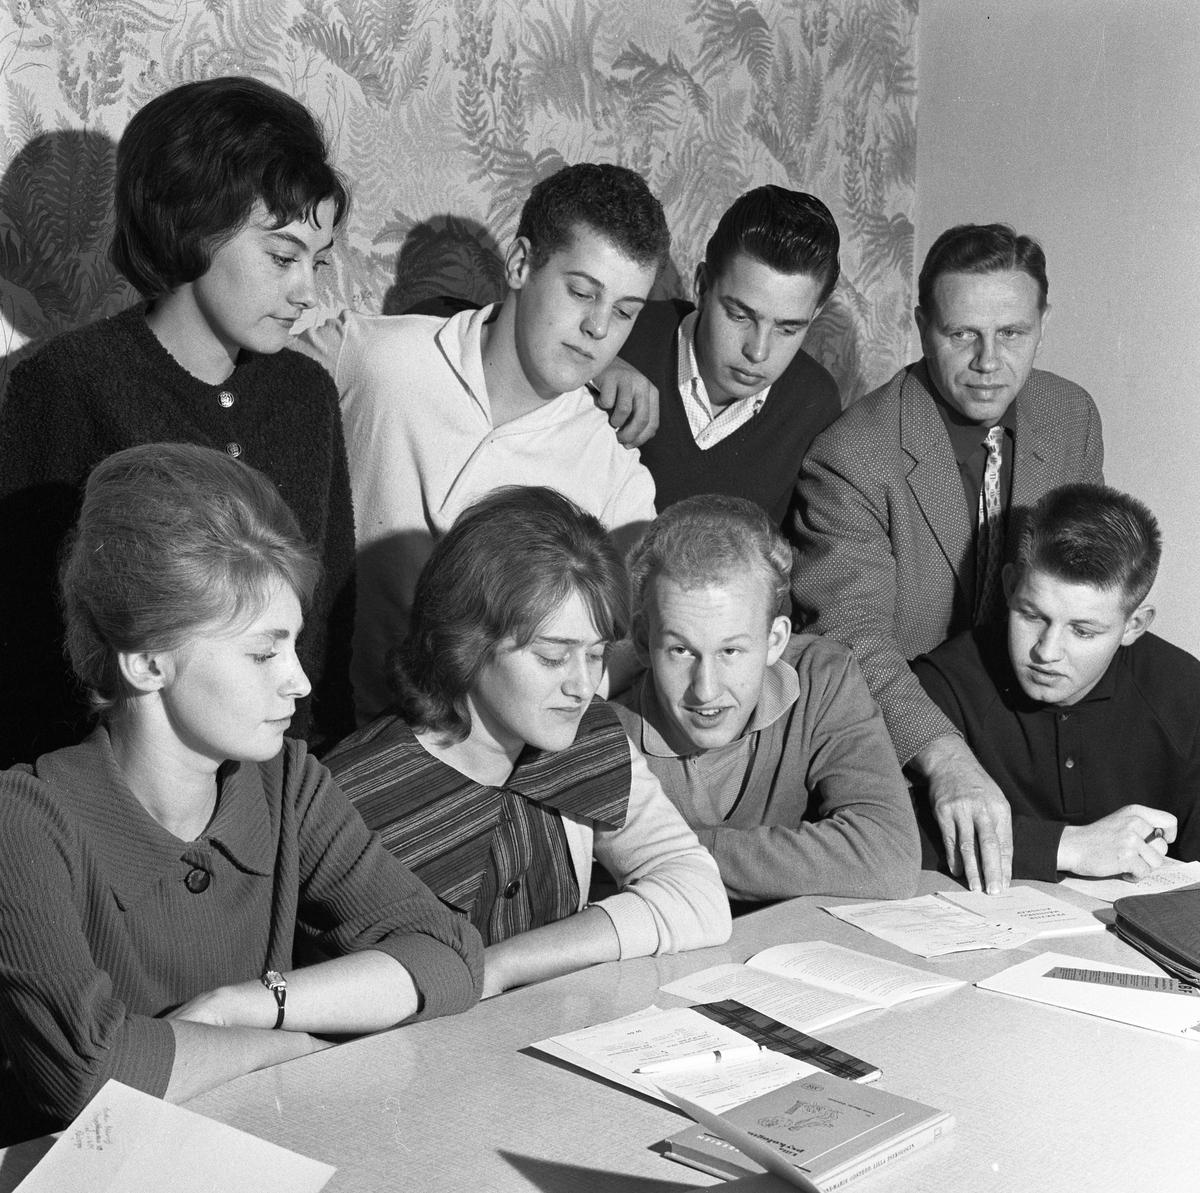 Arbetarnas Bildningsförbunds ungdomsskola En lärare och sju elever. Skrivhäften på bordet.